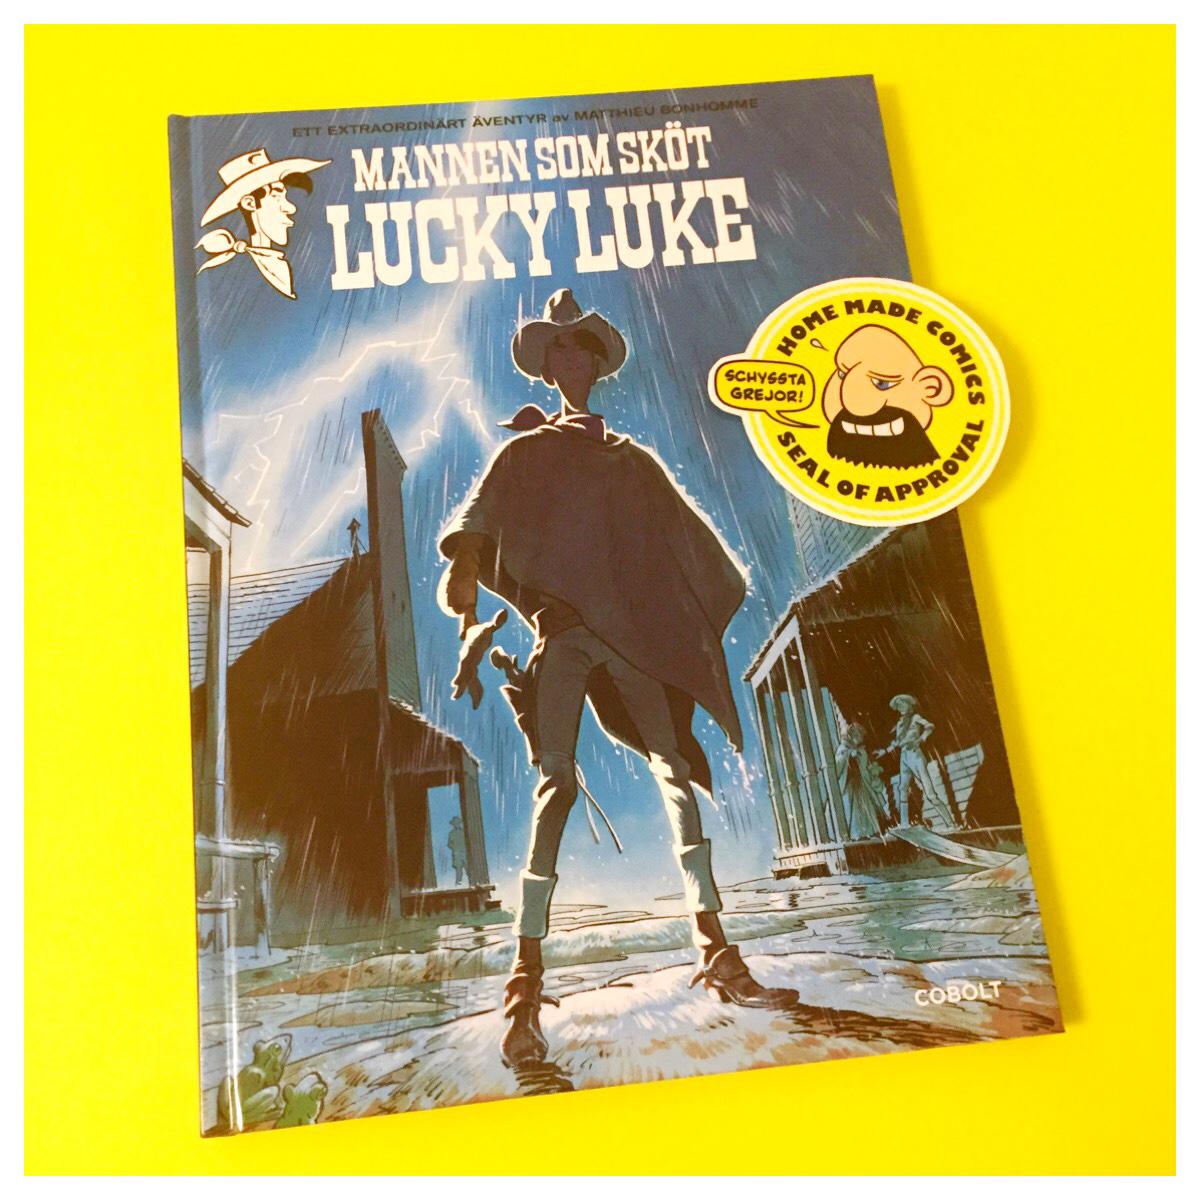 Home Made Comics Seal of Approval #165. Mannen som sköt Lucky Luke av Matthieu Bonhomme utgiven av Cobolt 2016.